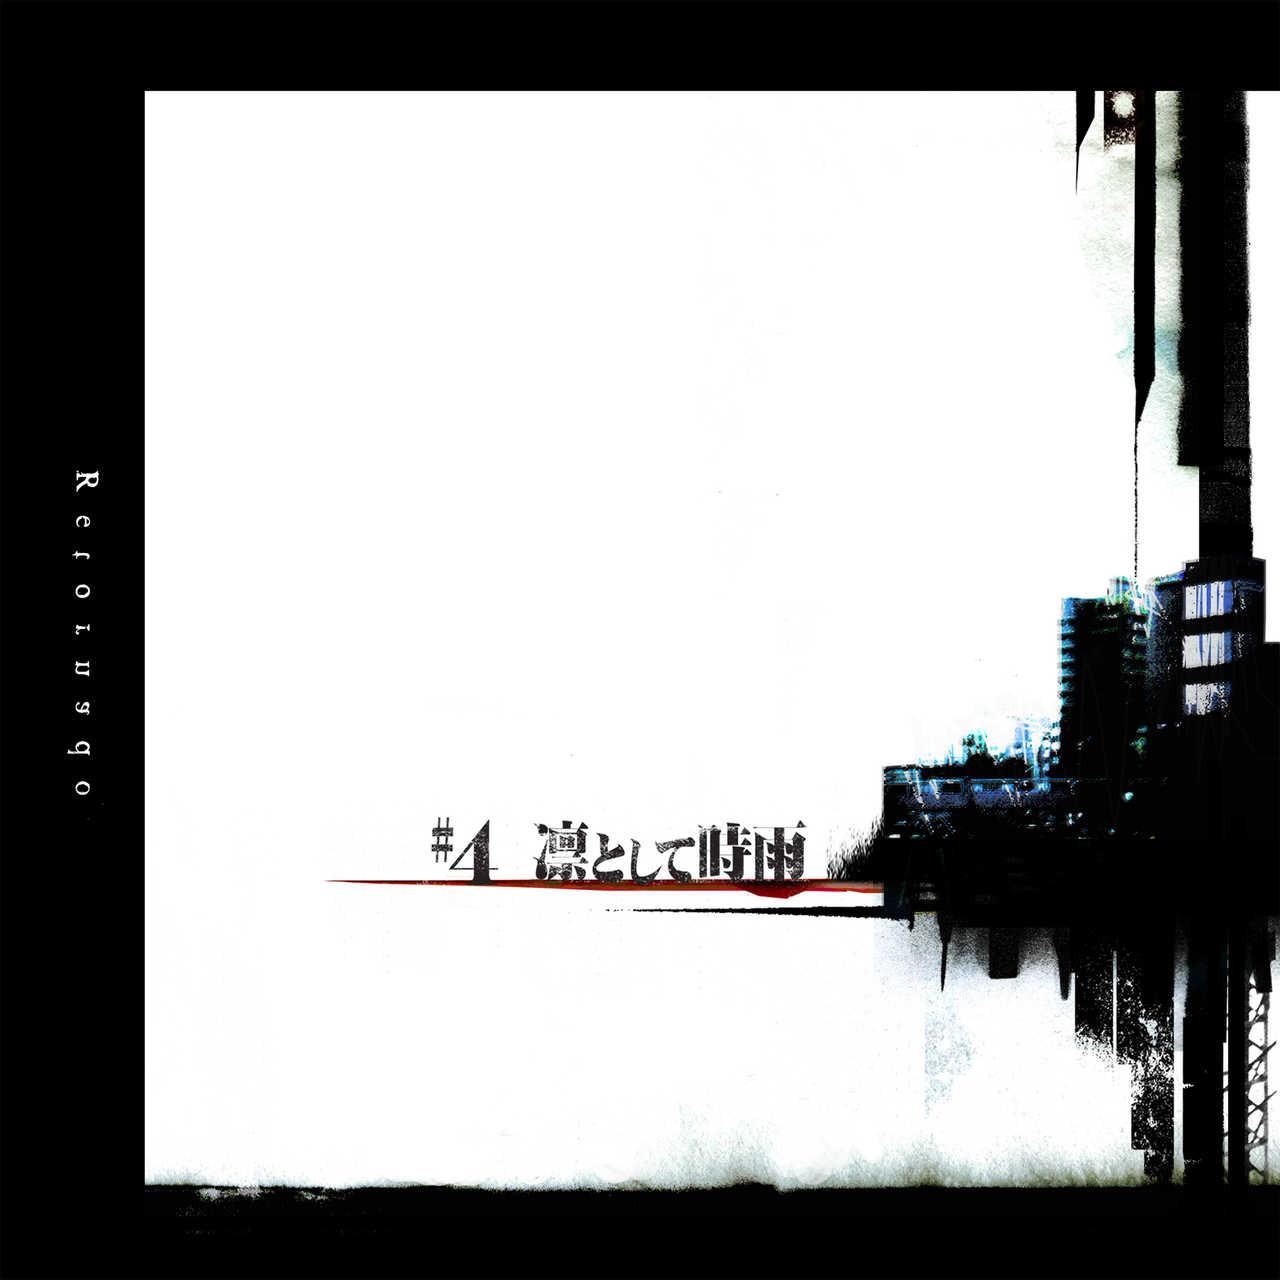 凛として時雨、15周年を記念した復刻Tシャツ付きリマスター盤をリリース!